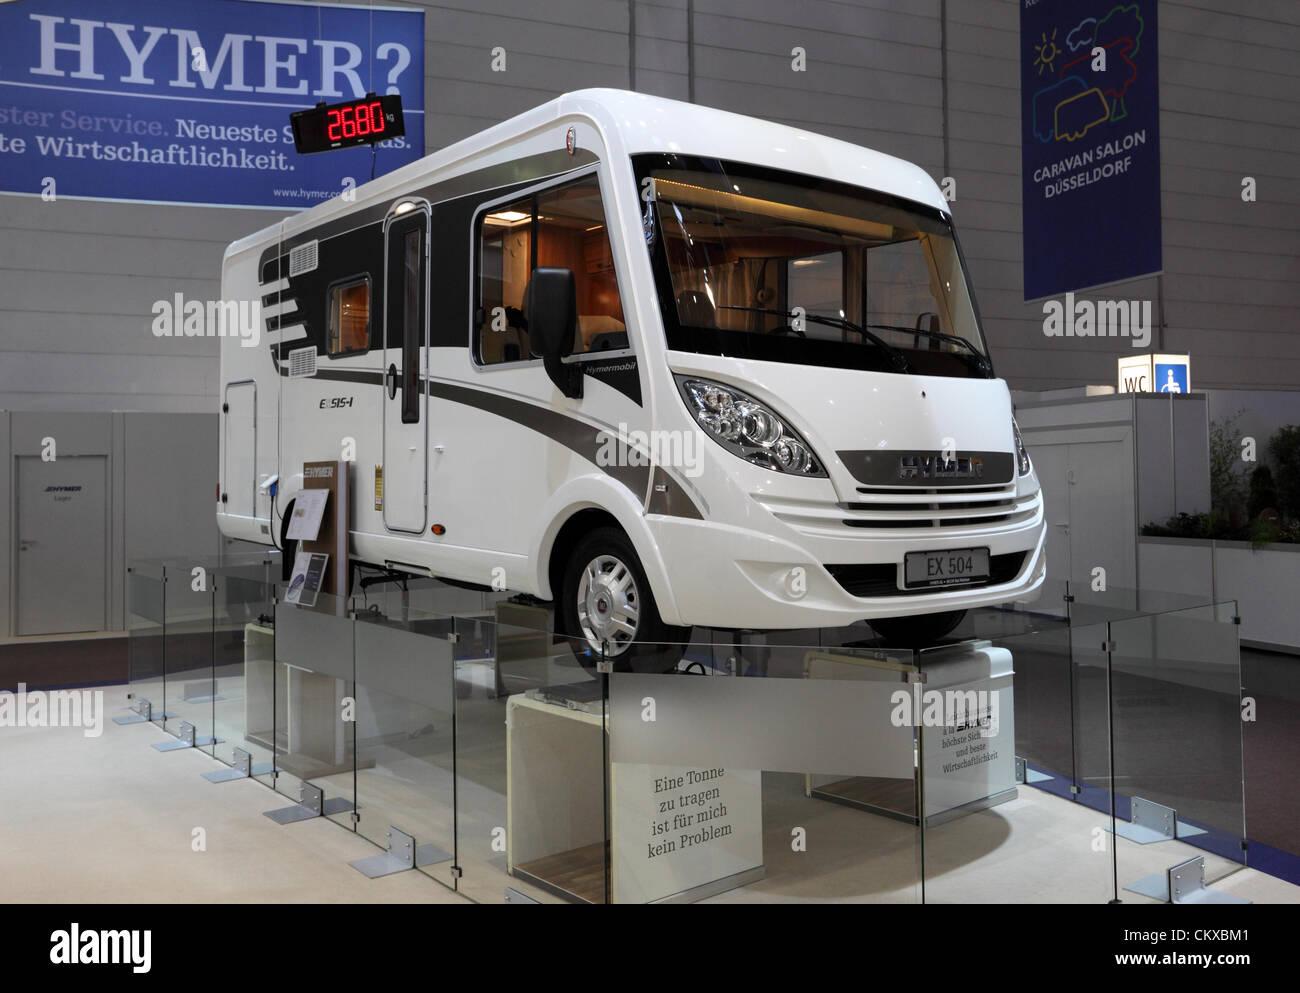 Düsseldorf - AUGUST 27: Leichte Hymer EX 504 Freizeitfahrzeug auf der Caravan Salon Messe 2012 am 27. August Stockbild